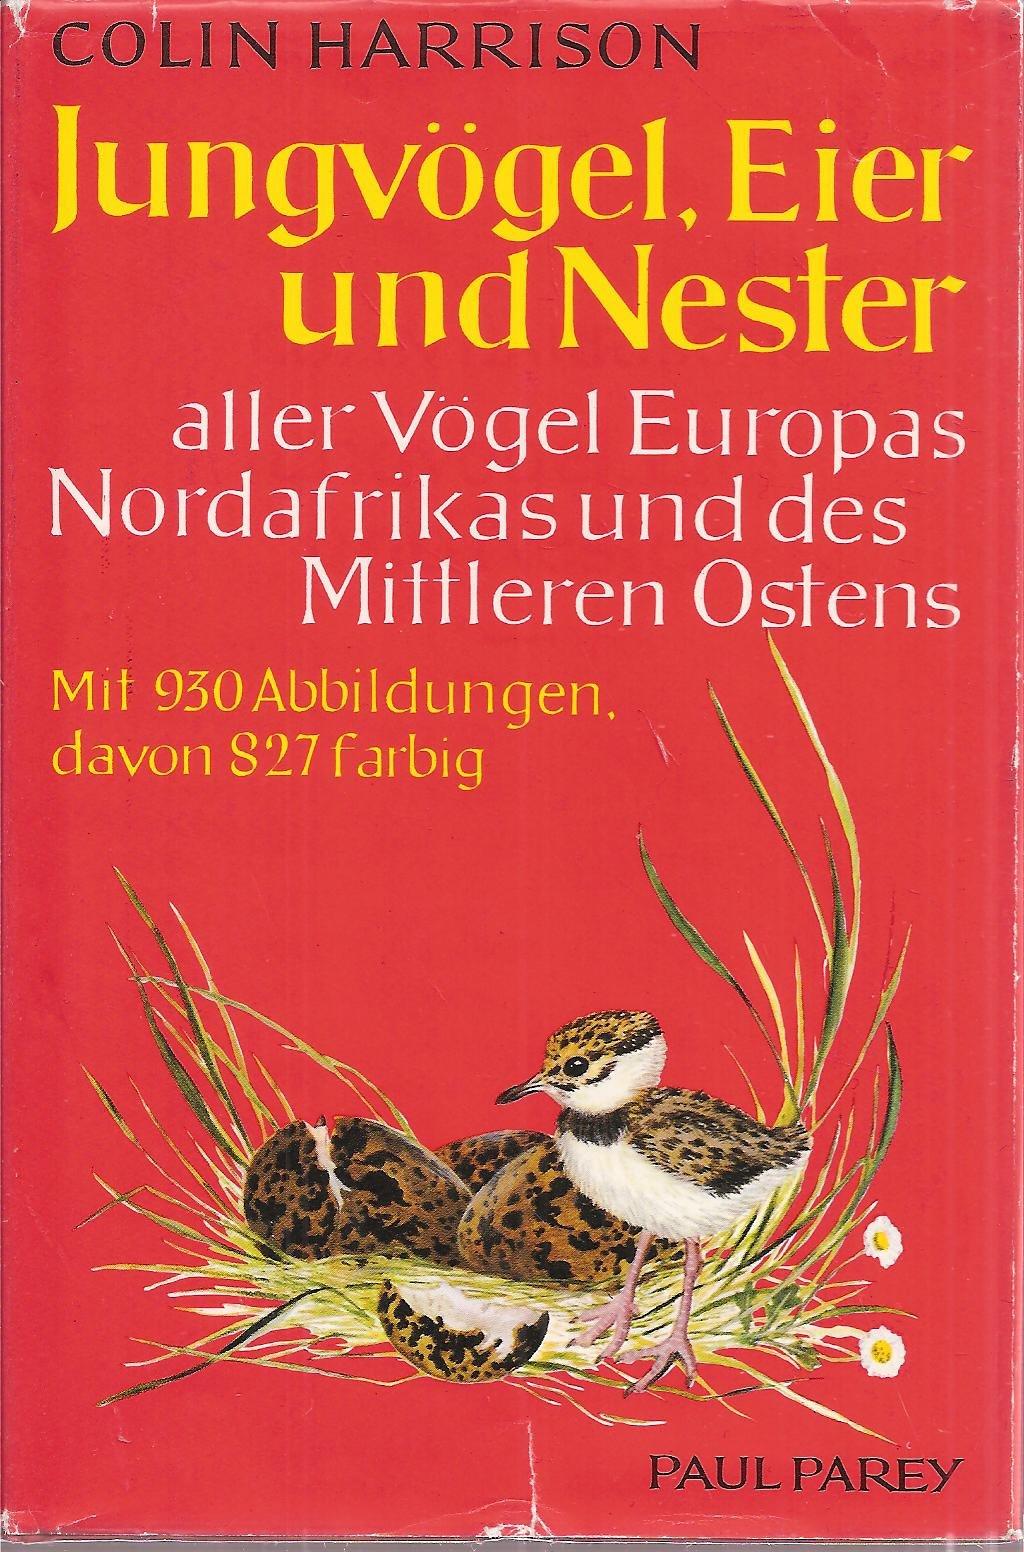 Jungvögel Eier Und Nester Aller Vögel Europas Nordafrikas Und Des Mittleren Ostens. Ein Naturführer Zur Fortpflanzungsbiologie